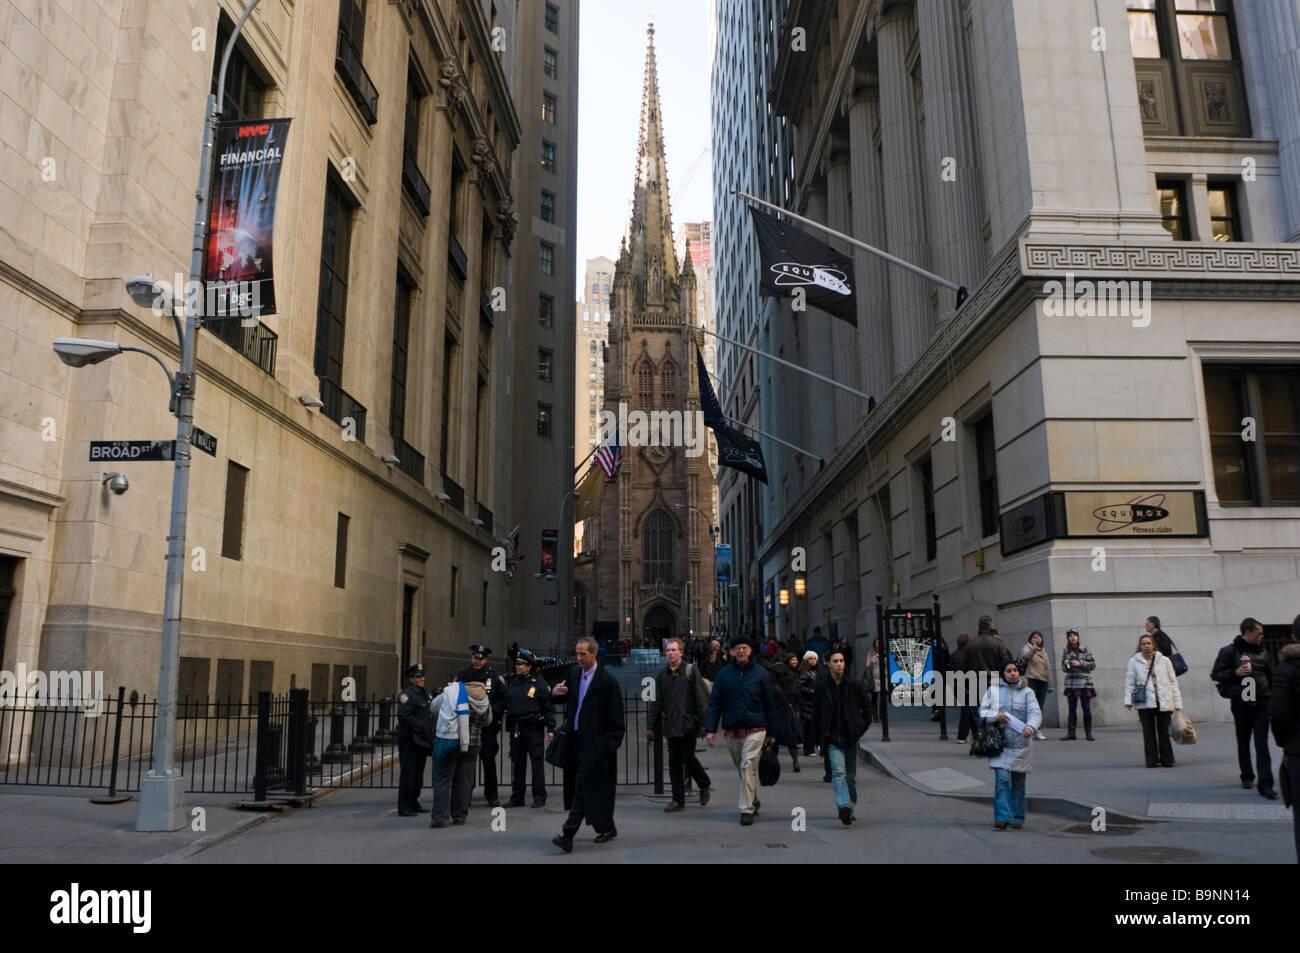 New York NY 24 March 2009 Wall Street - Stock Image